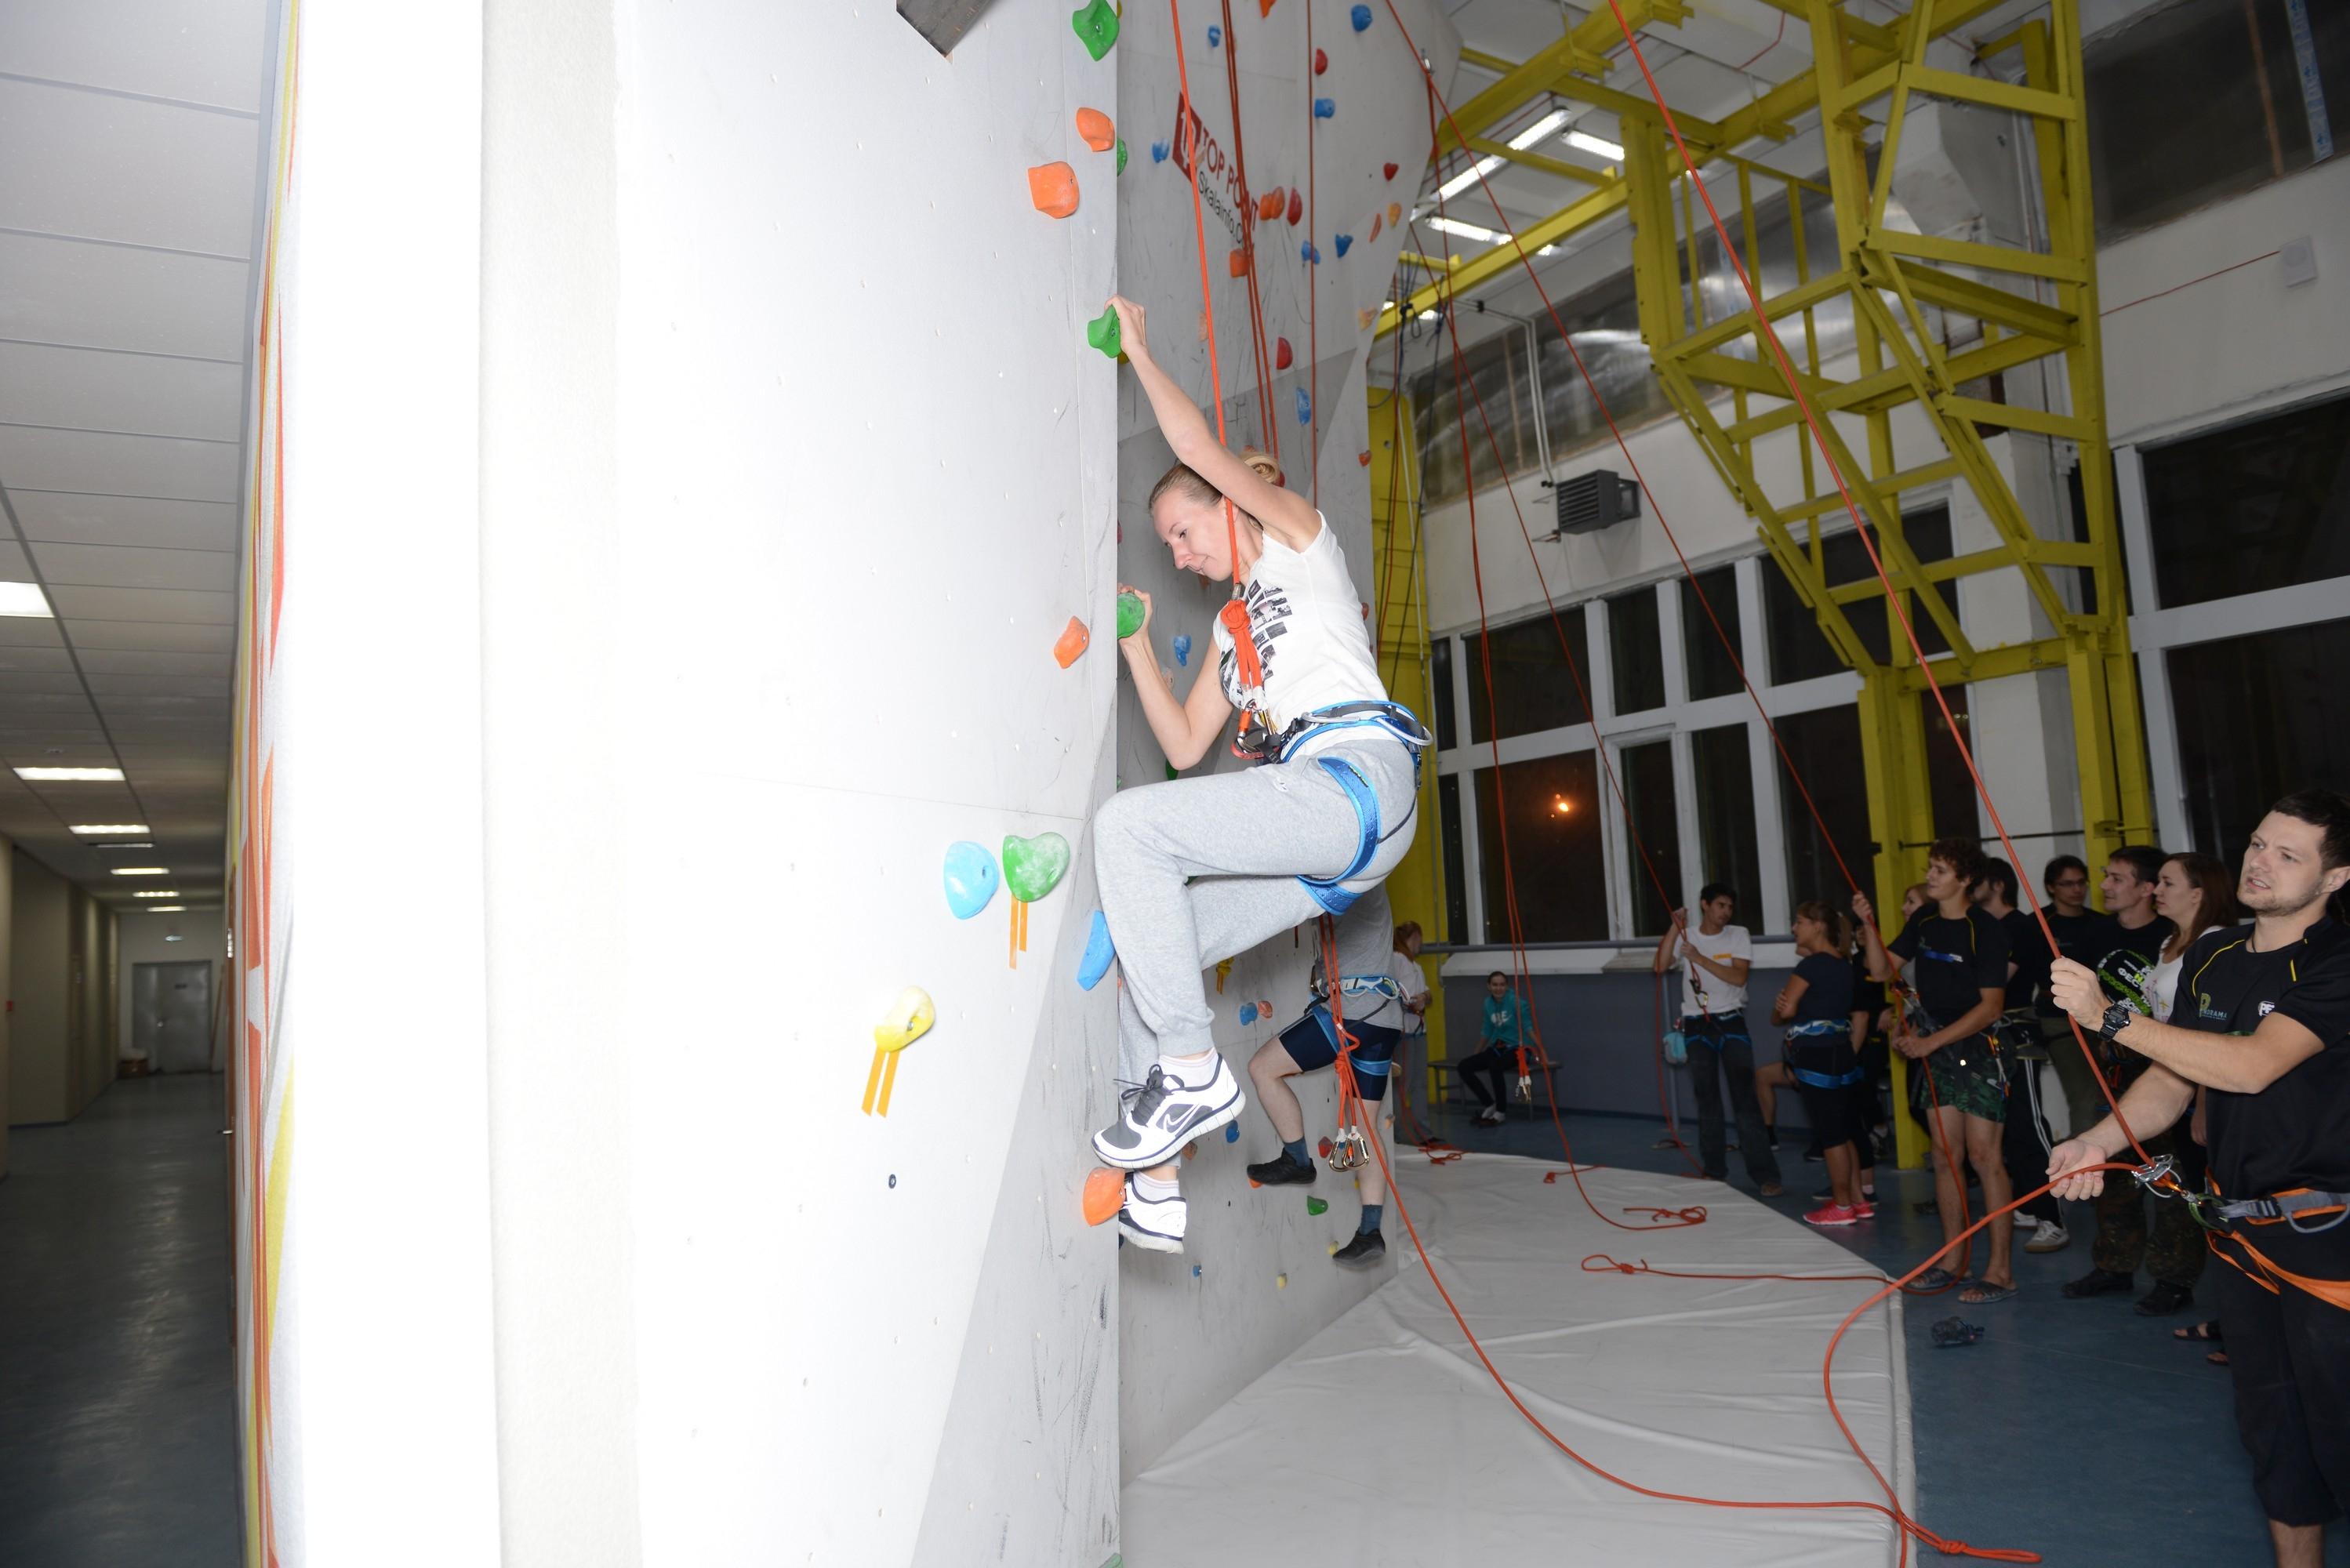 Фотографии предоставлены спортивным центром Panorama.